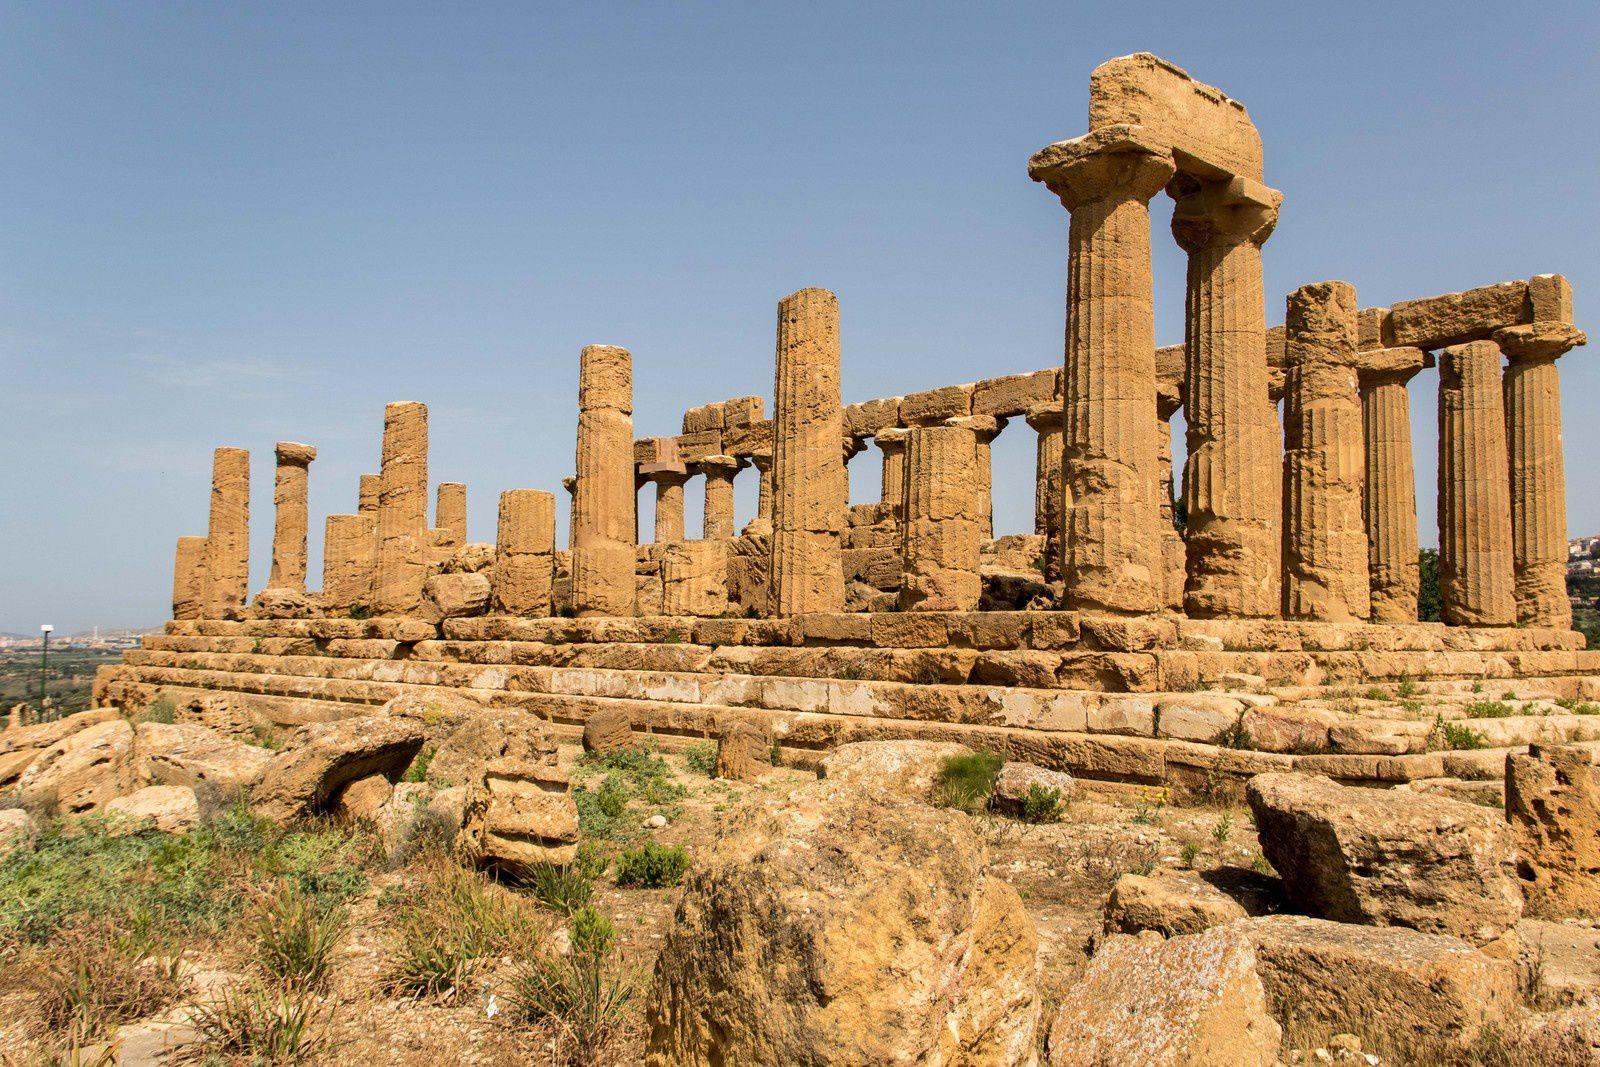 La vallée des temples : Le temple de Junon, le temple de la Concorde, le temple d'Hercule, le temple de Castor et Pollux